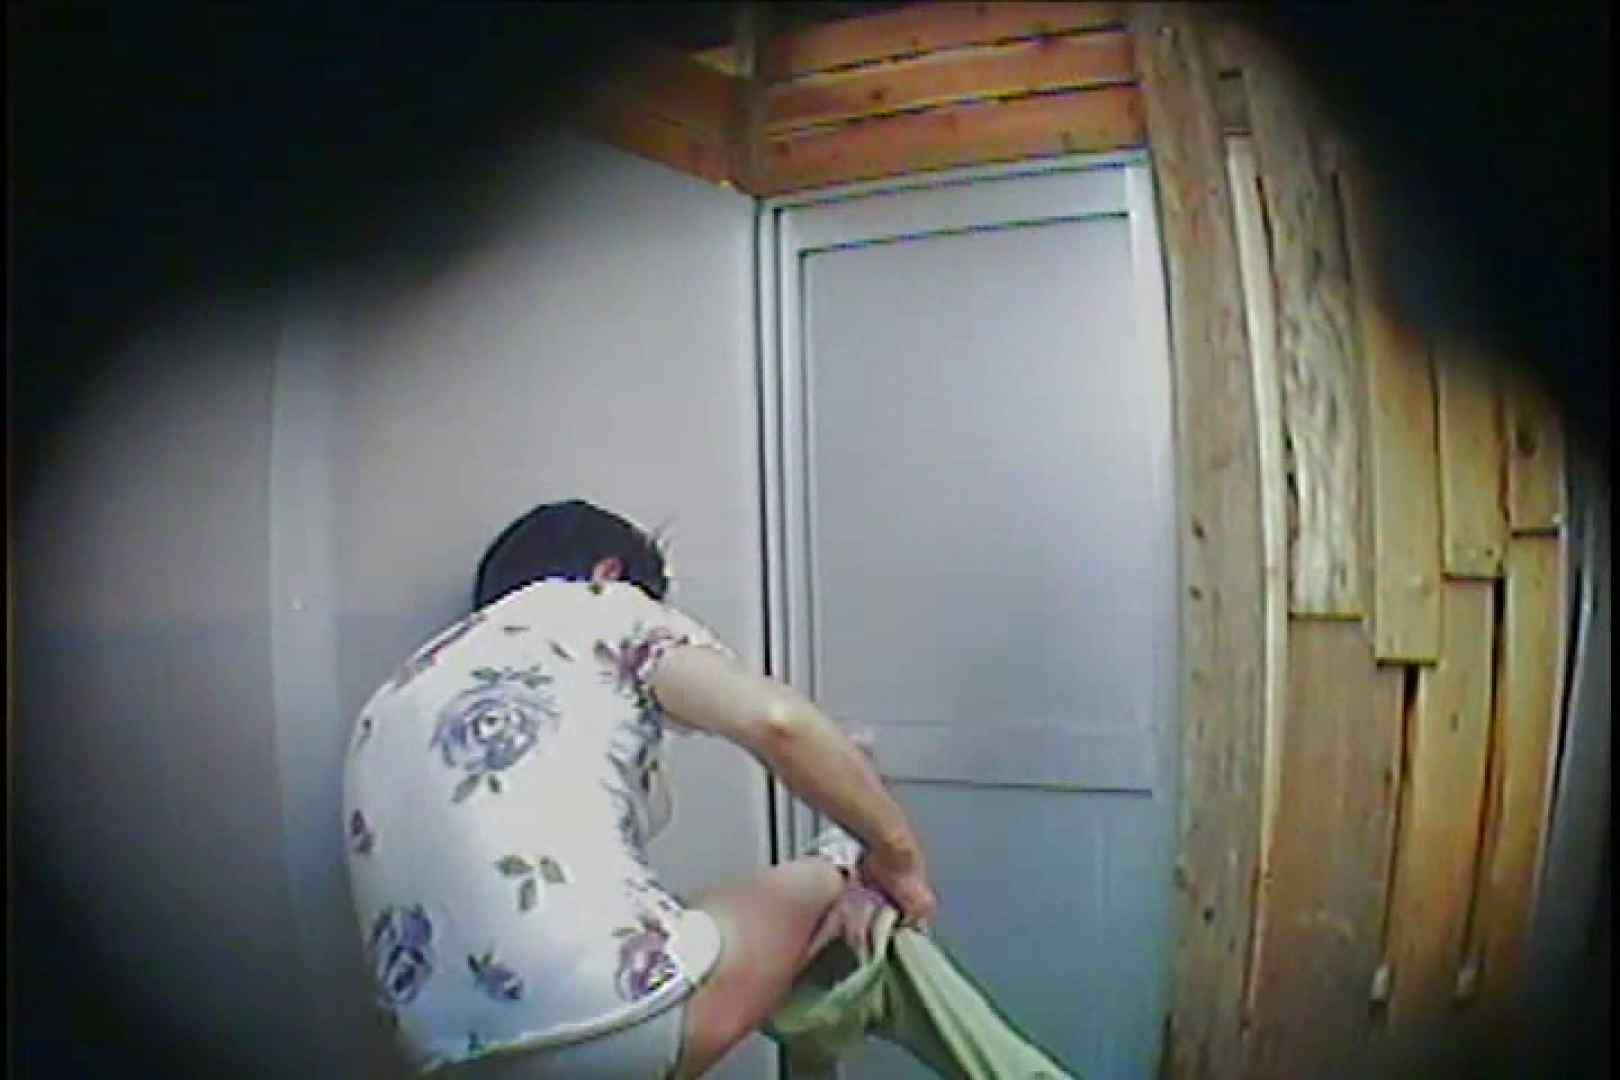 海の家の更衣室 Vol.53 いやらしいOL 盗撮画像 66連発 6